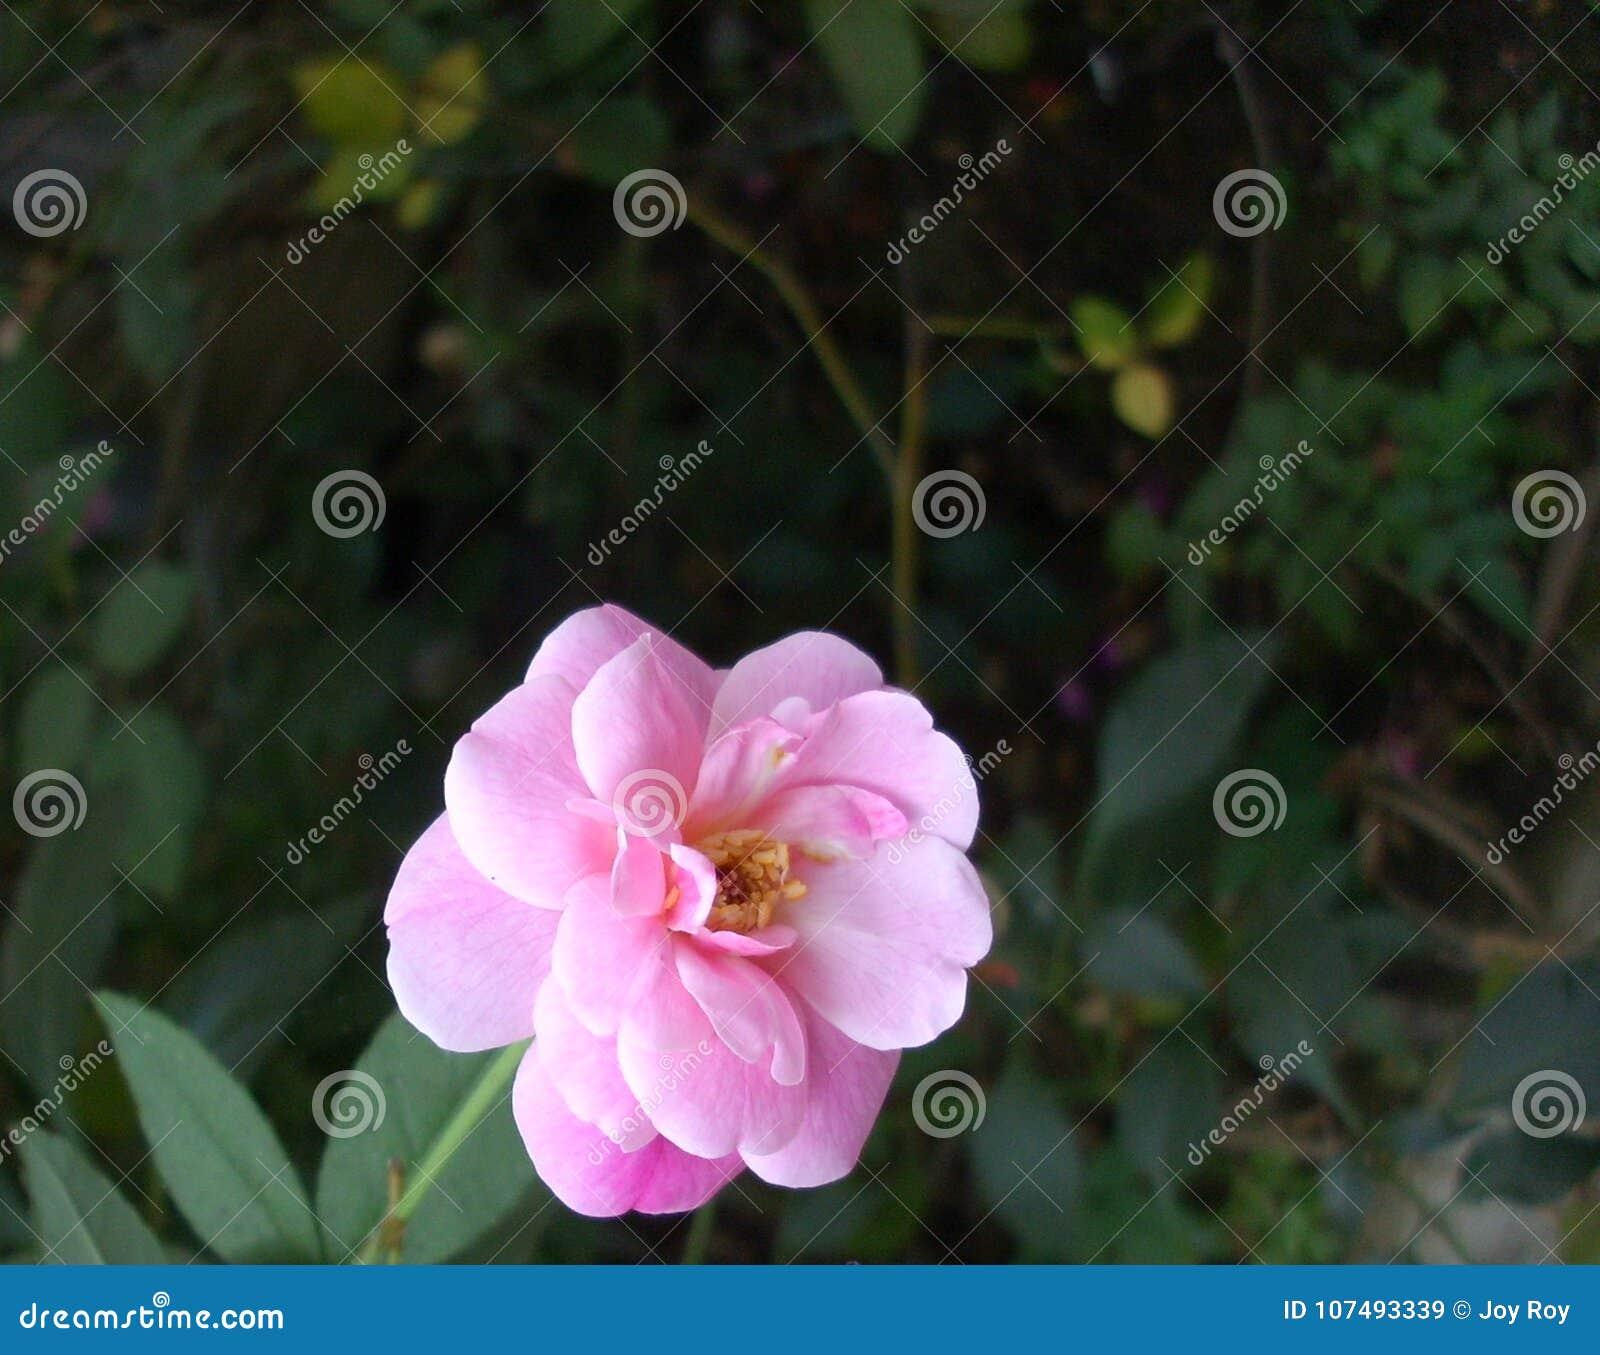 Beautiful close-up pink rose